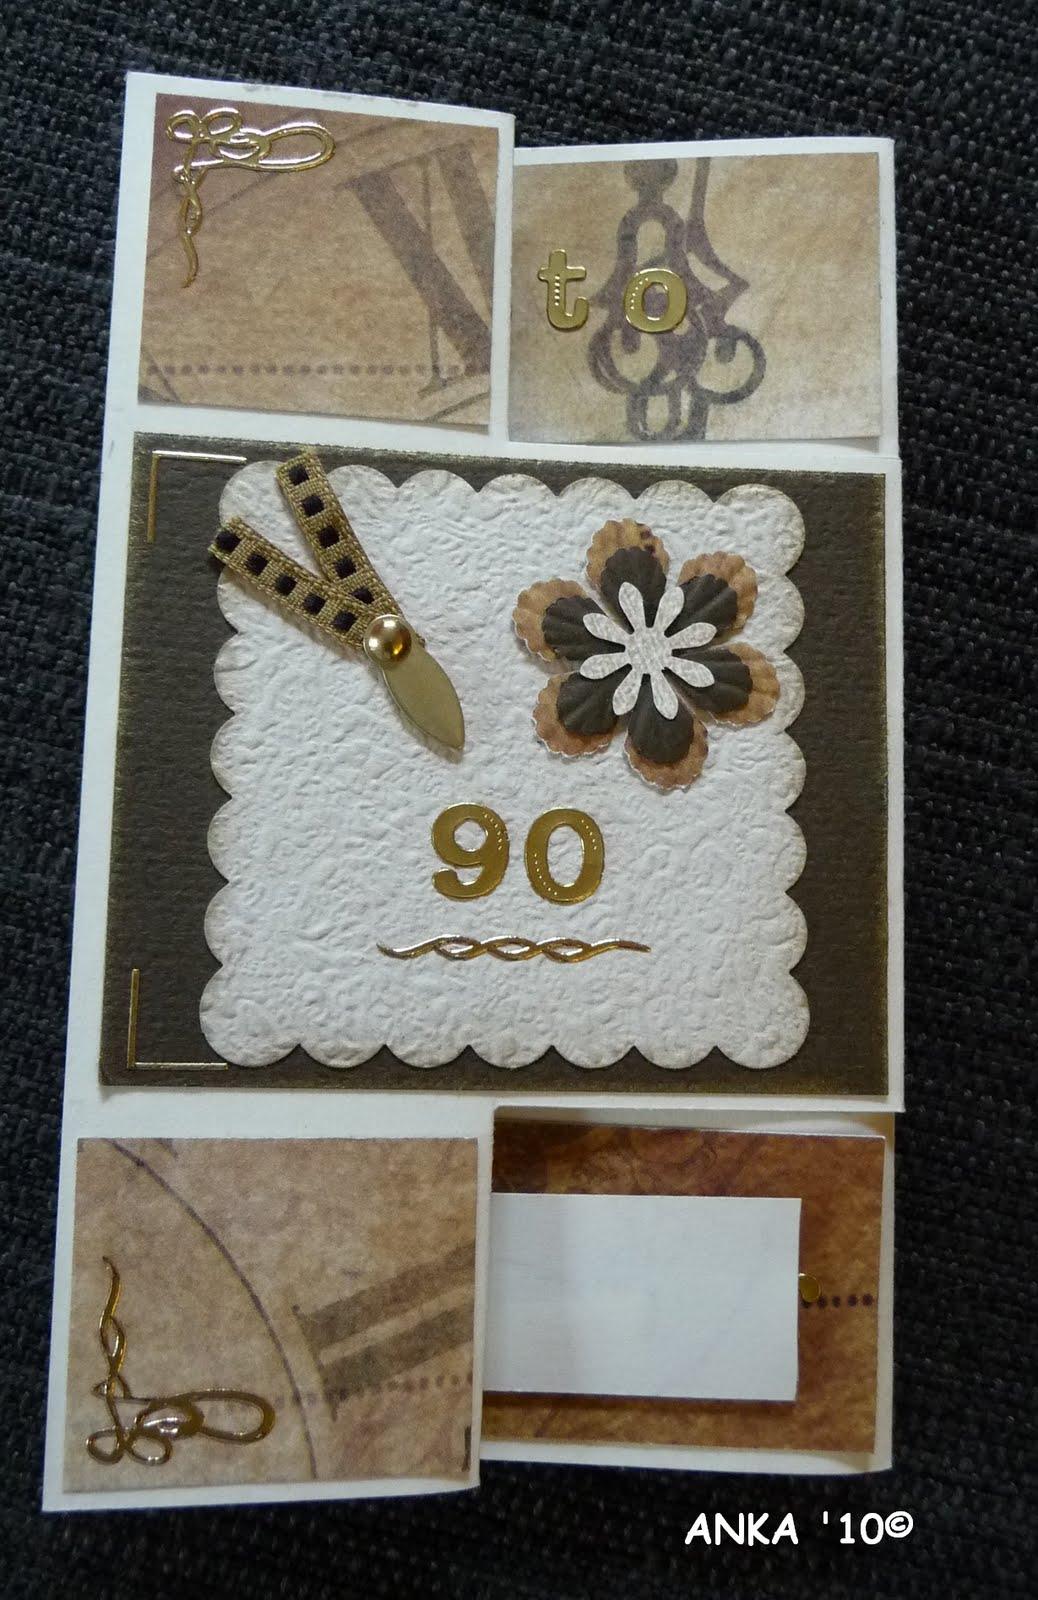 Ankas bastelseiten geschenk zum 90 geburtstag - Geburtstagsideen zum 90 ...